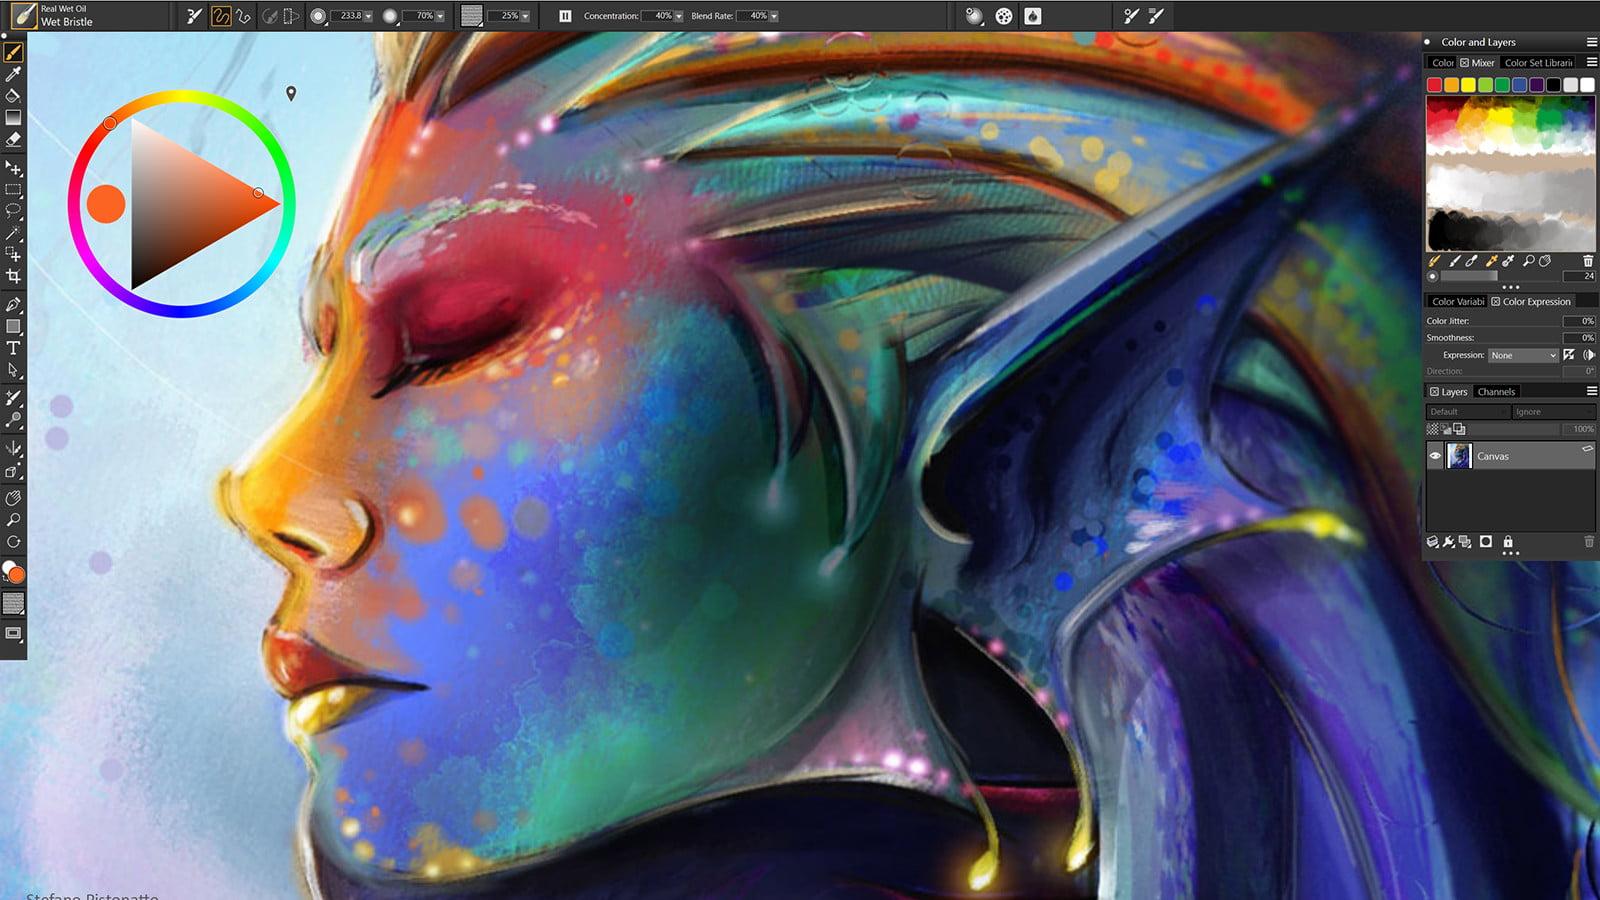 تحميل Corel Painter برنامج الرسم الرقمي والتصميم على الكمبيوتر